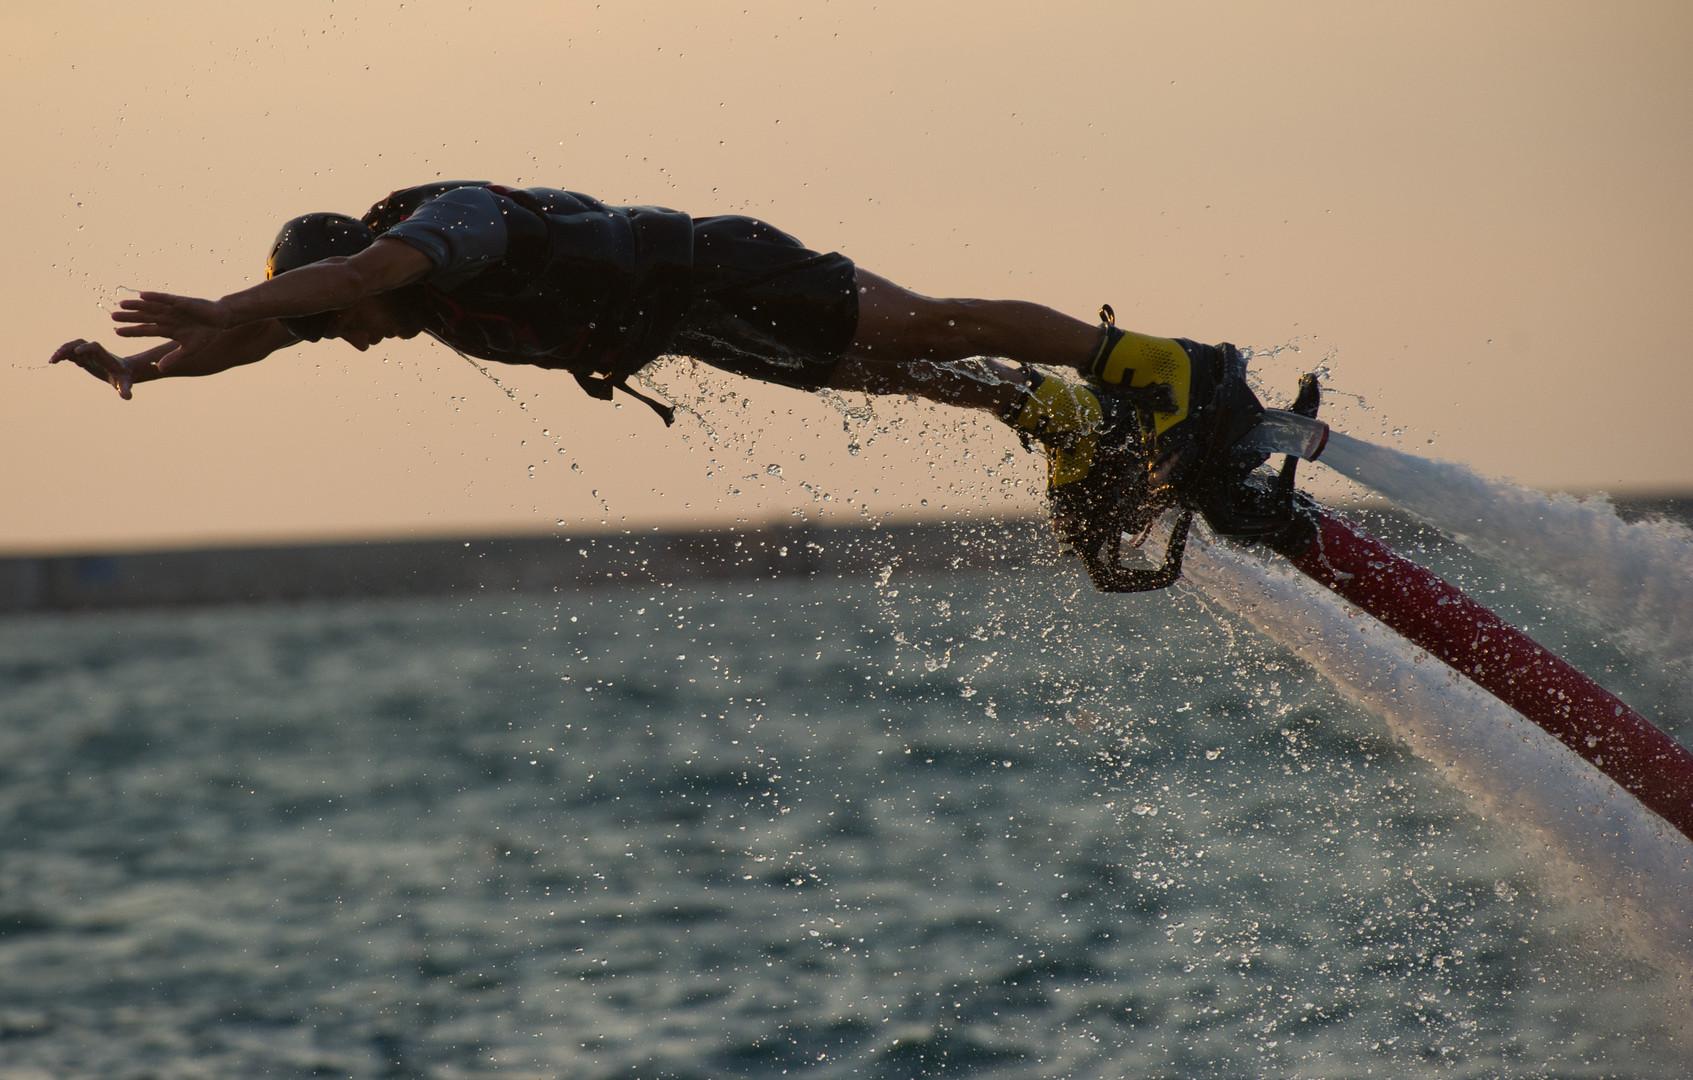 Der Sportler kann in die Höhe steigen, indem er durch die Fußneigung oder kleinere Düsen in den Händen die Triebwerkleistung steuert.